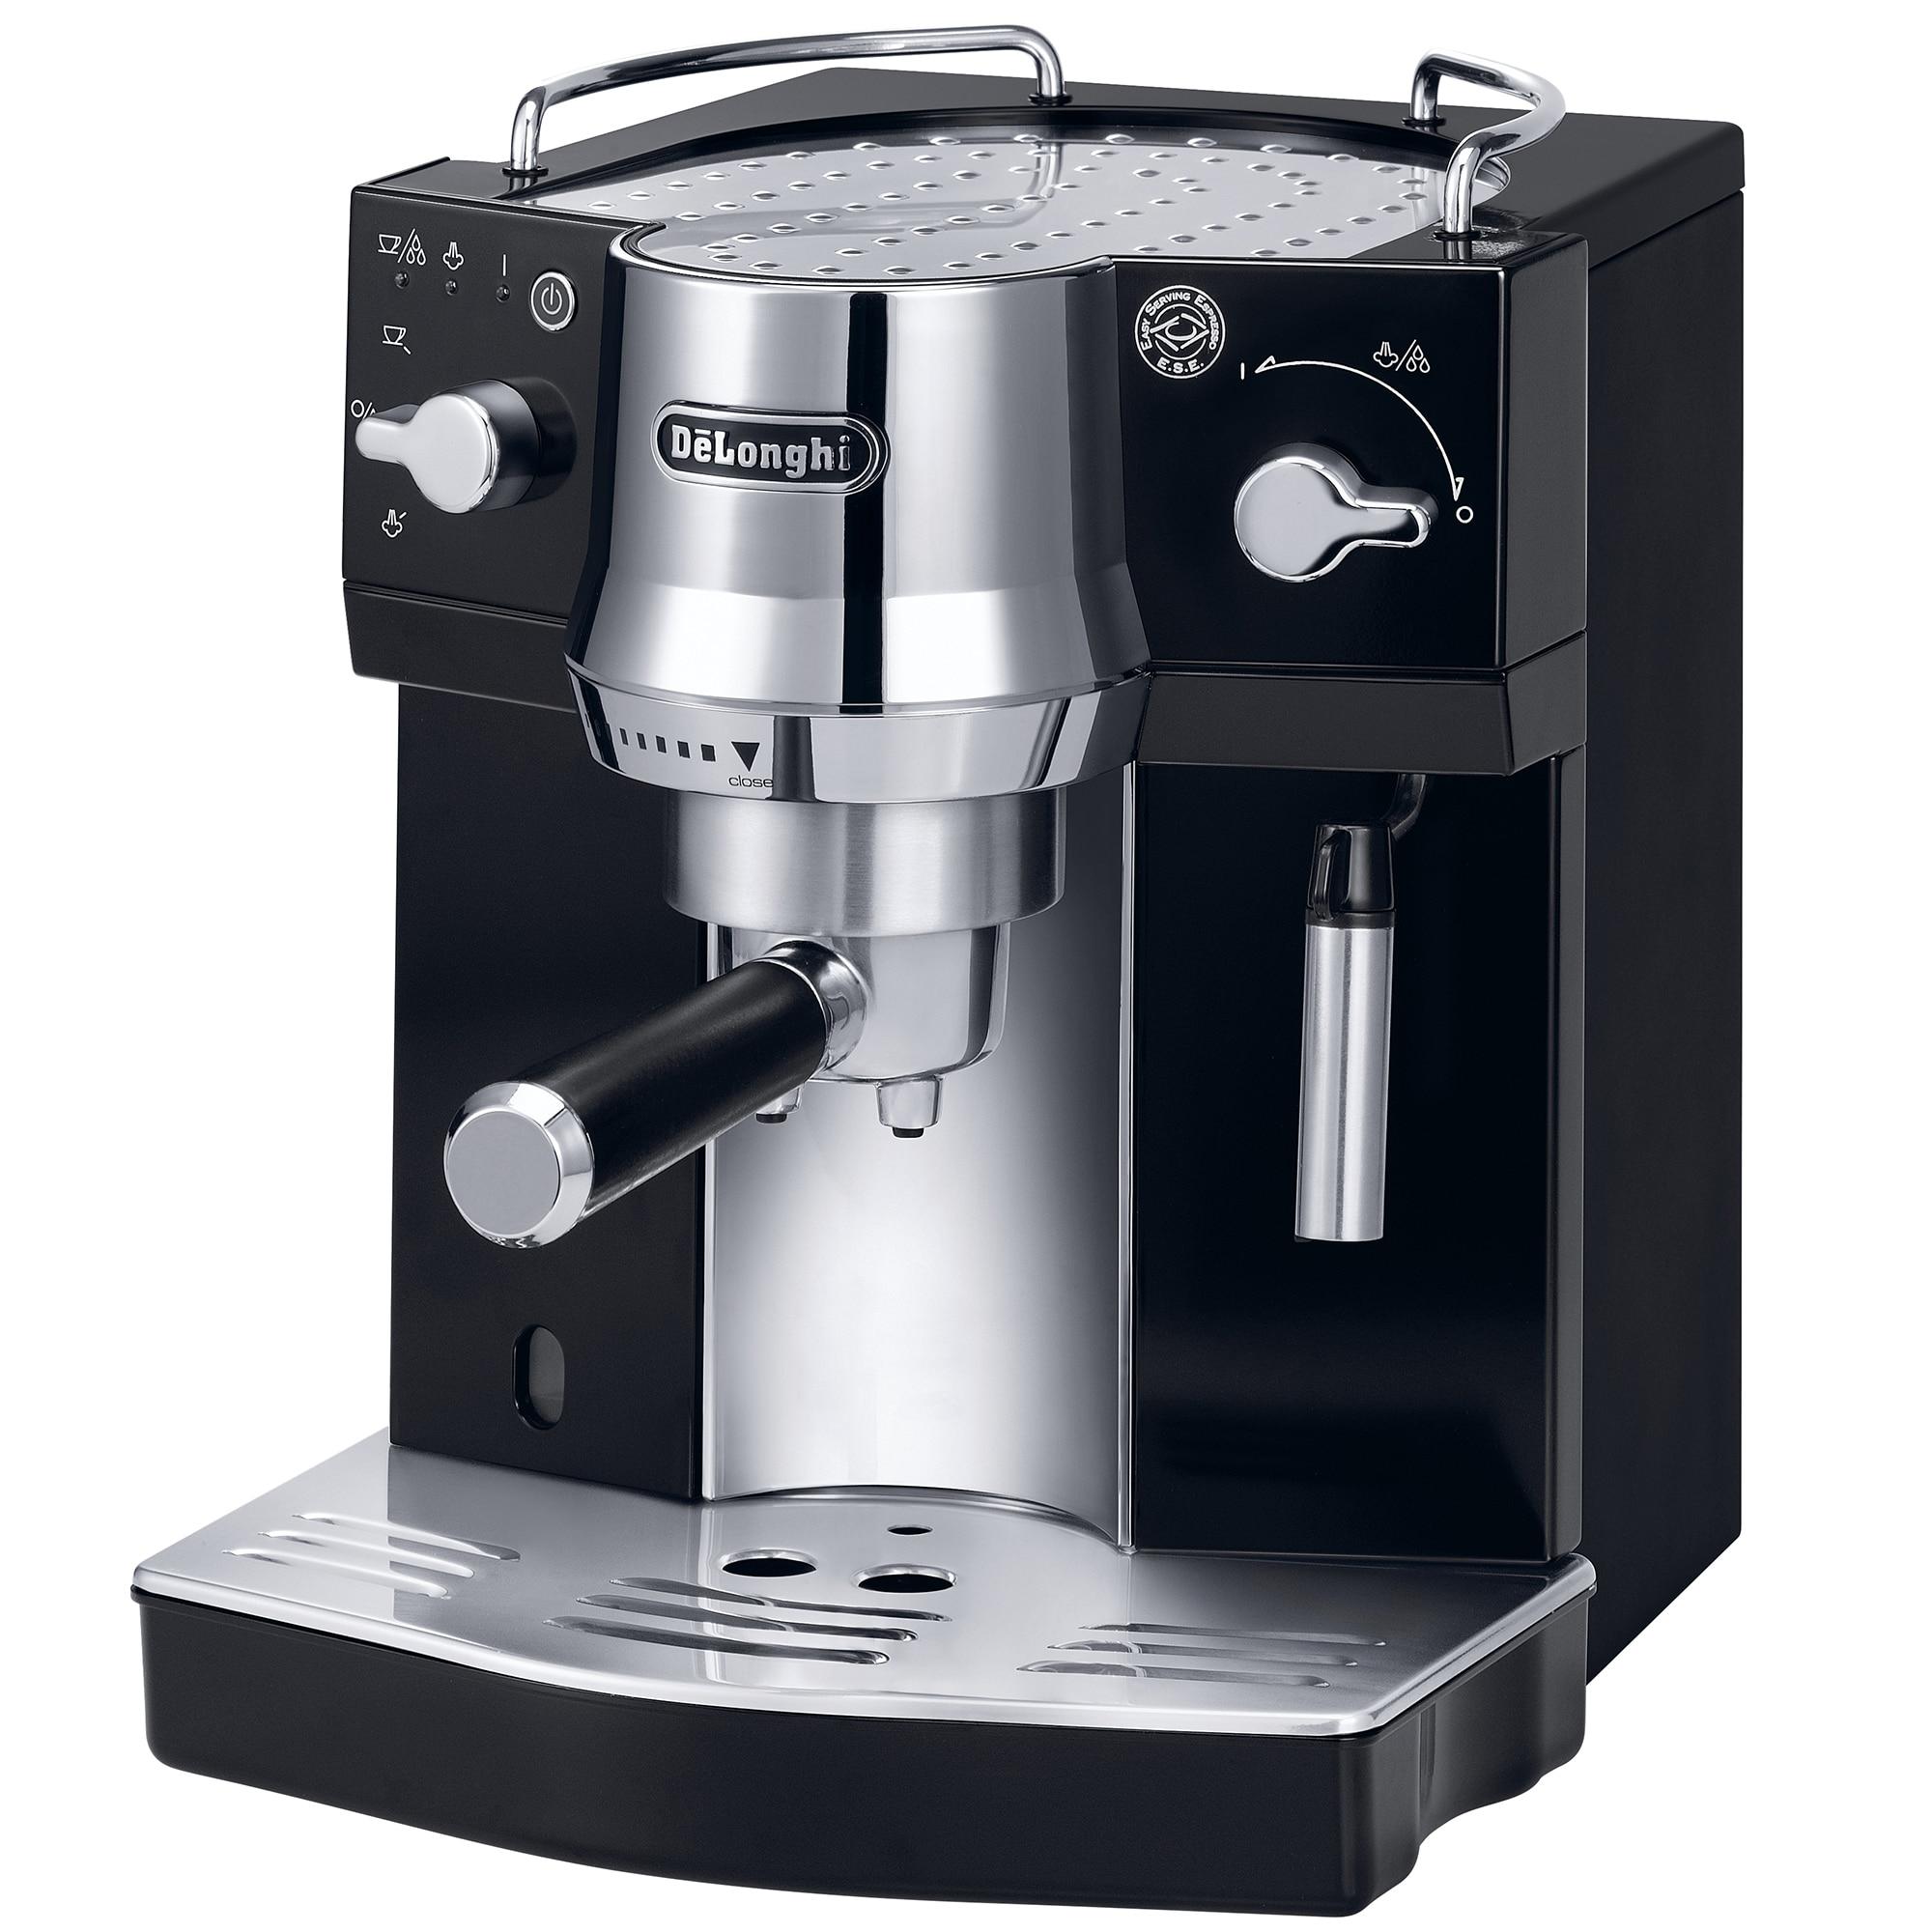 Fotografie Espressor manual De'Longhi, EC820 B, 1450 W, 15 bar, 1 L, Negru